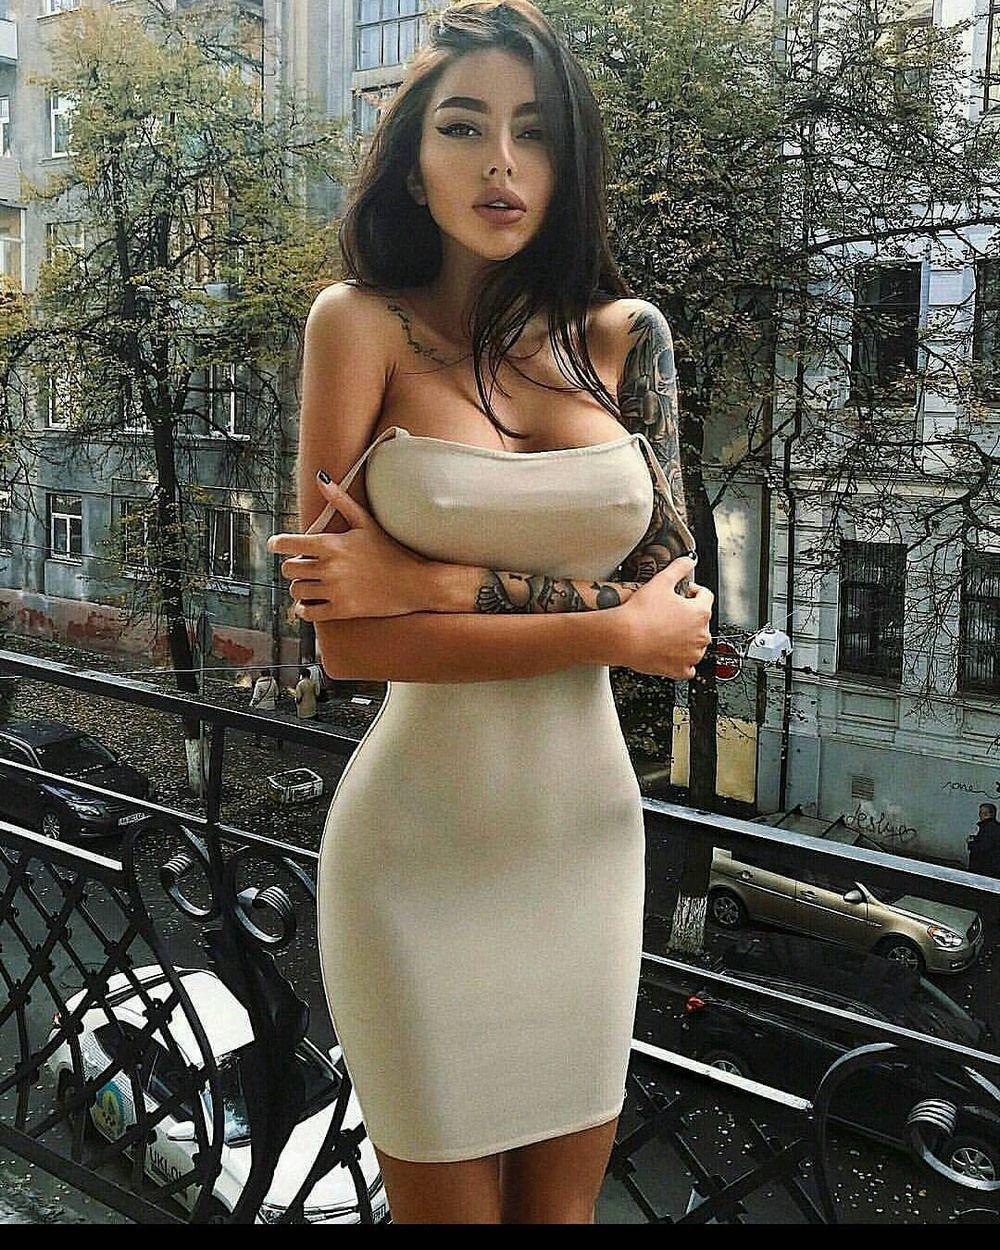 Красивая девушка в черном платье эротично раздевается, порно версии популярных фильмов смотреть онлайн